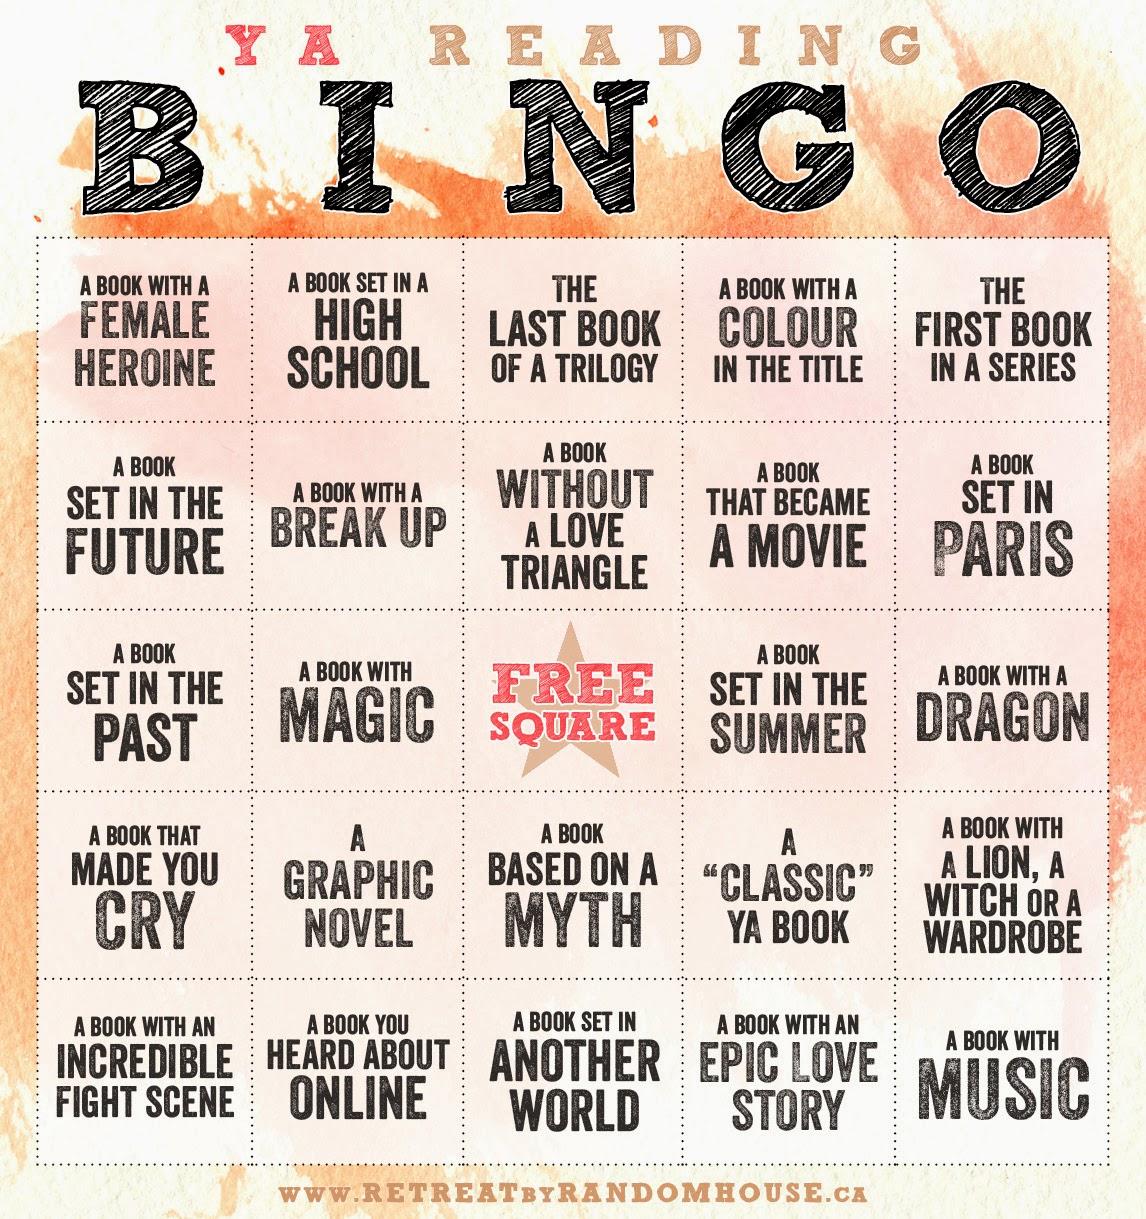 ¡Bingo-reto!